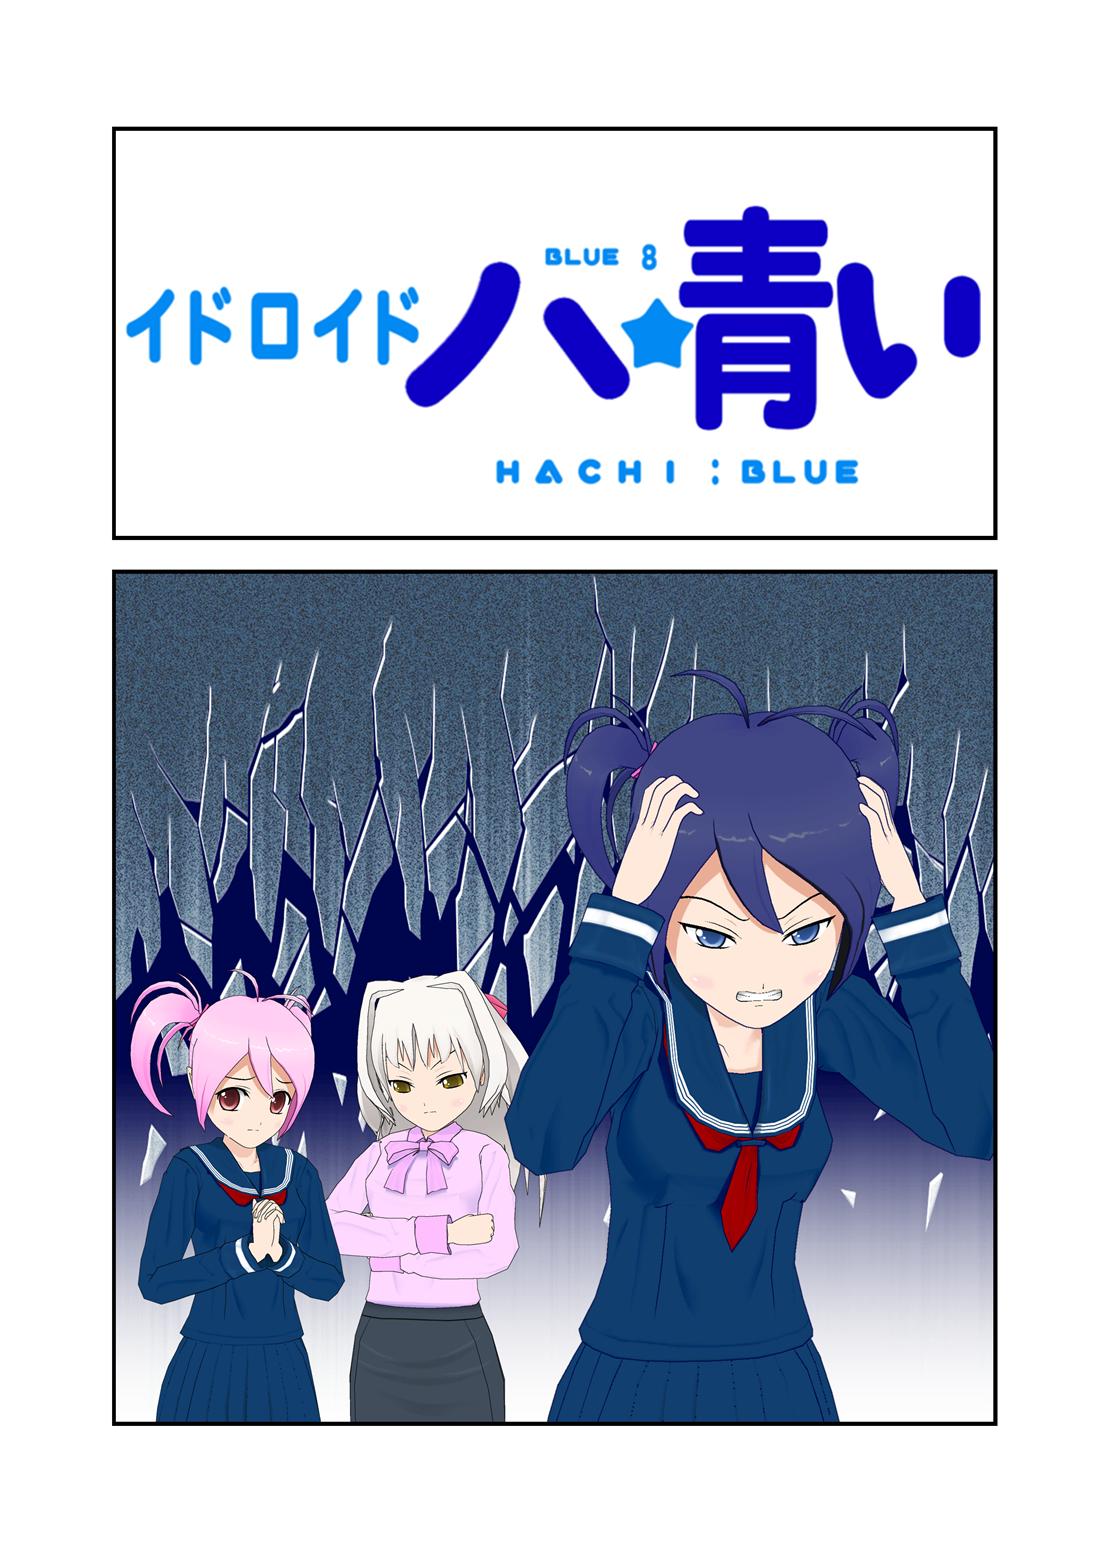 Hachi:Blue